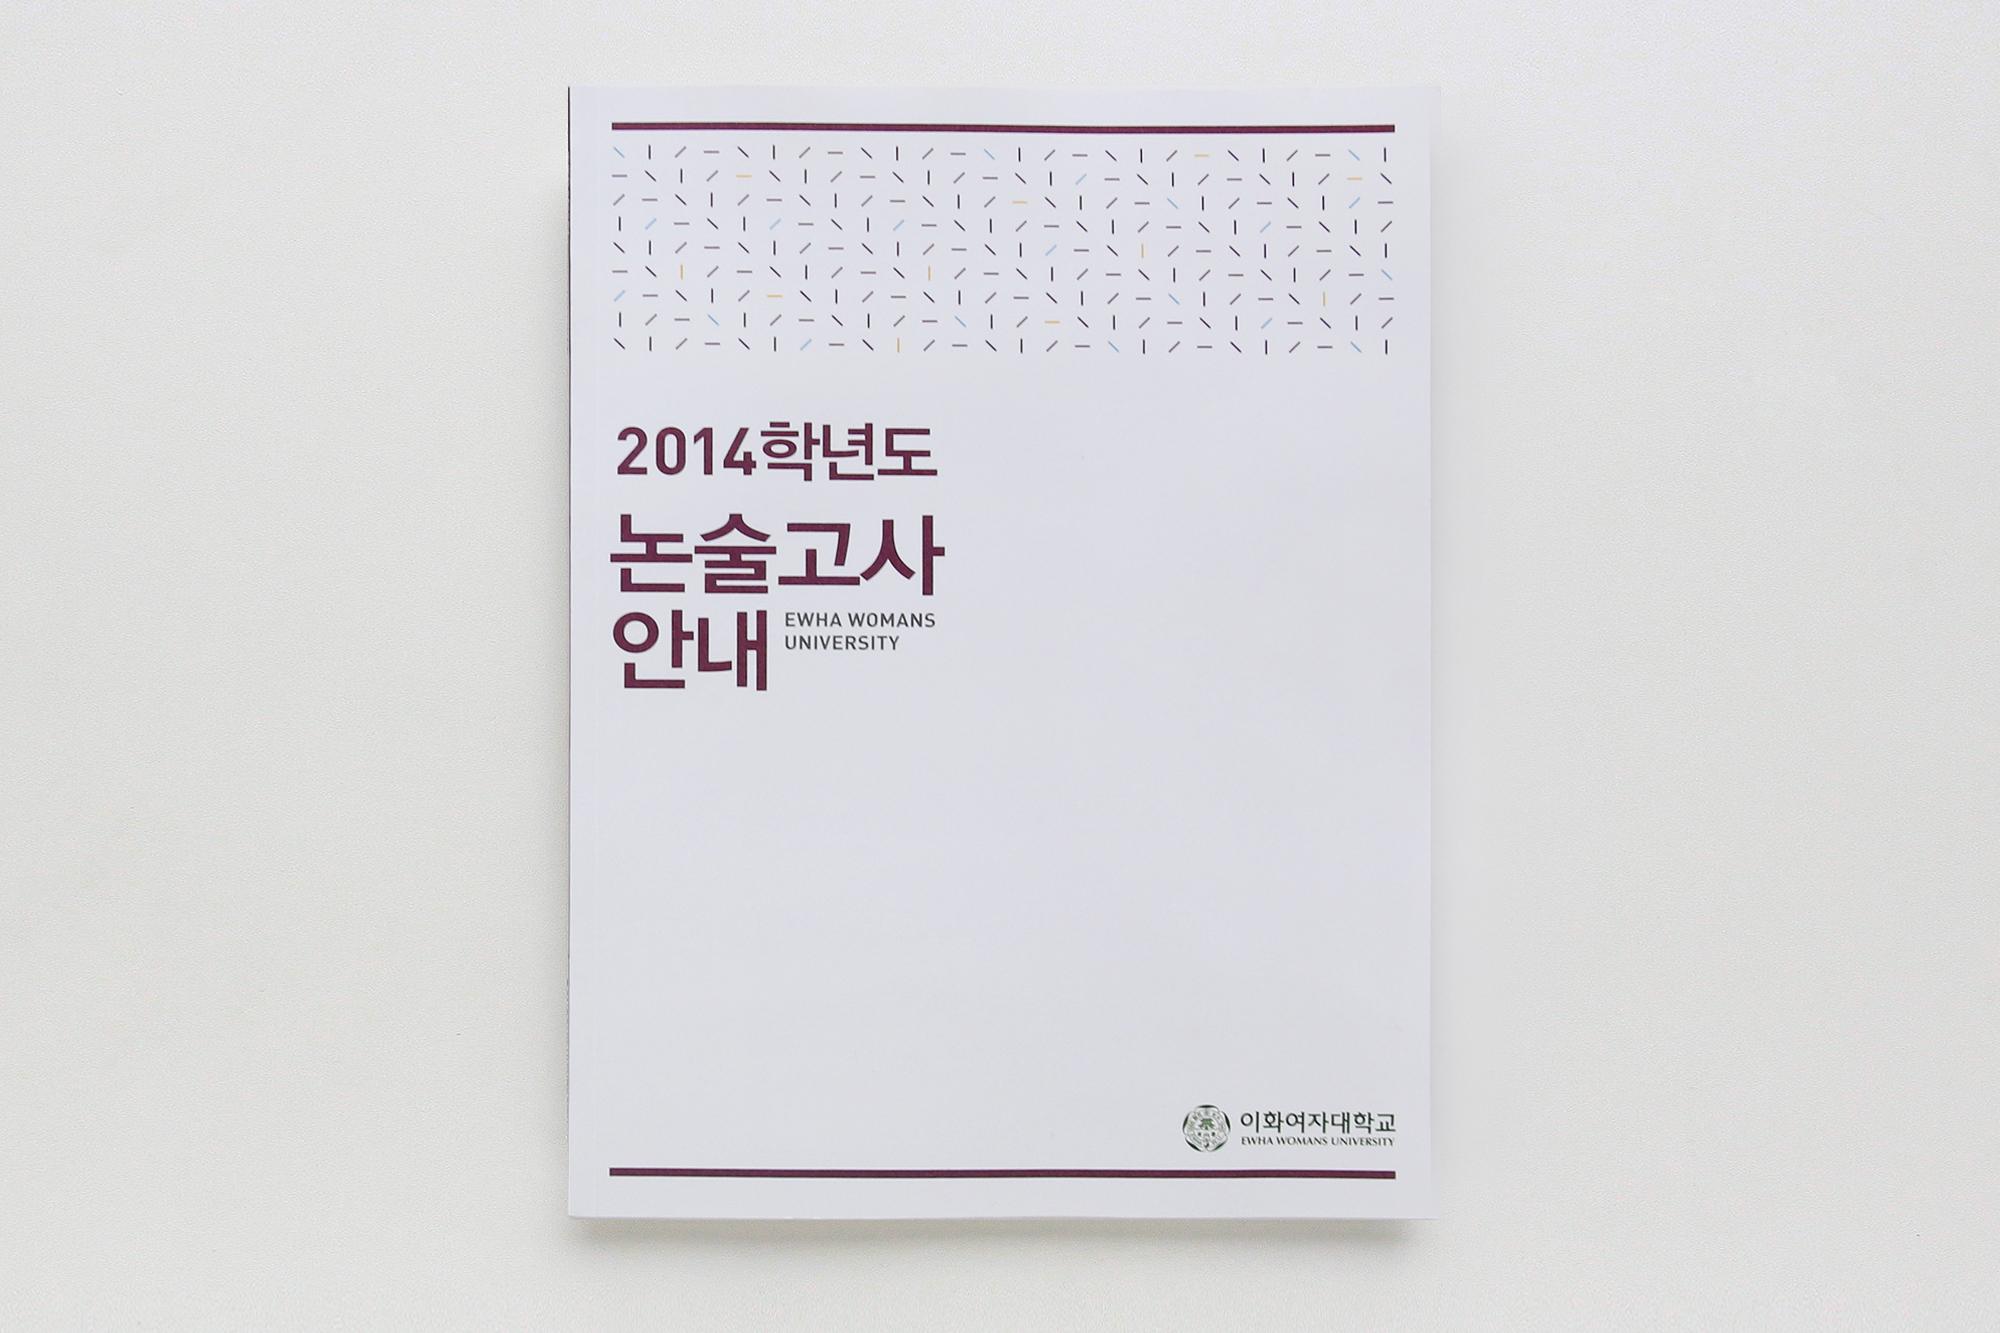 2014-이대논술고사안내 (2)